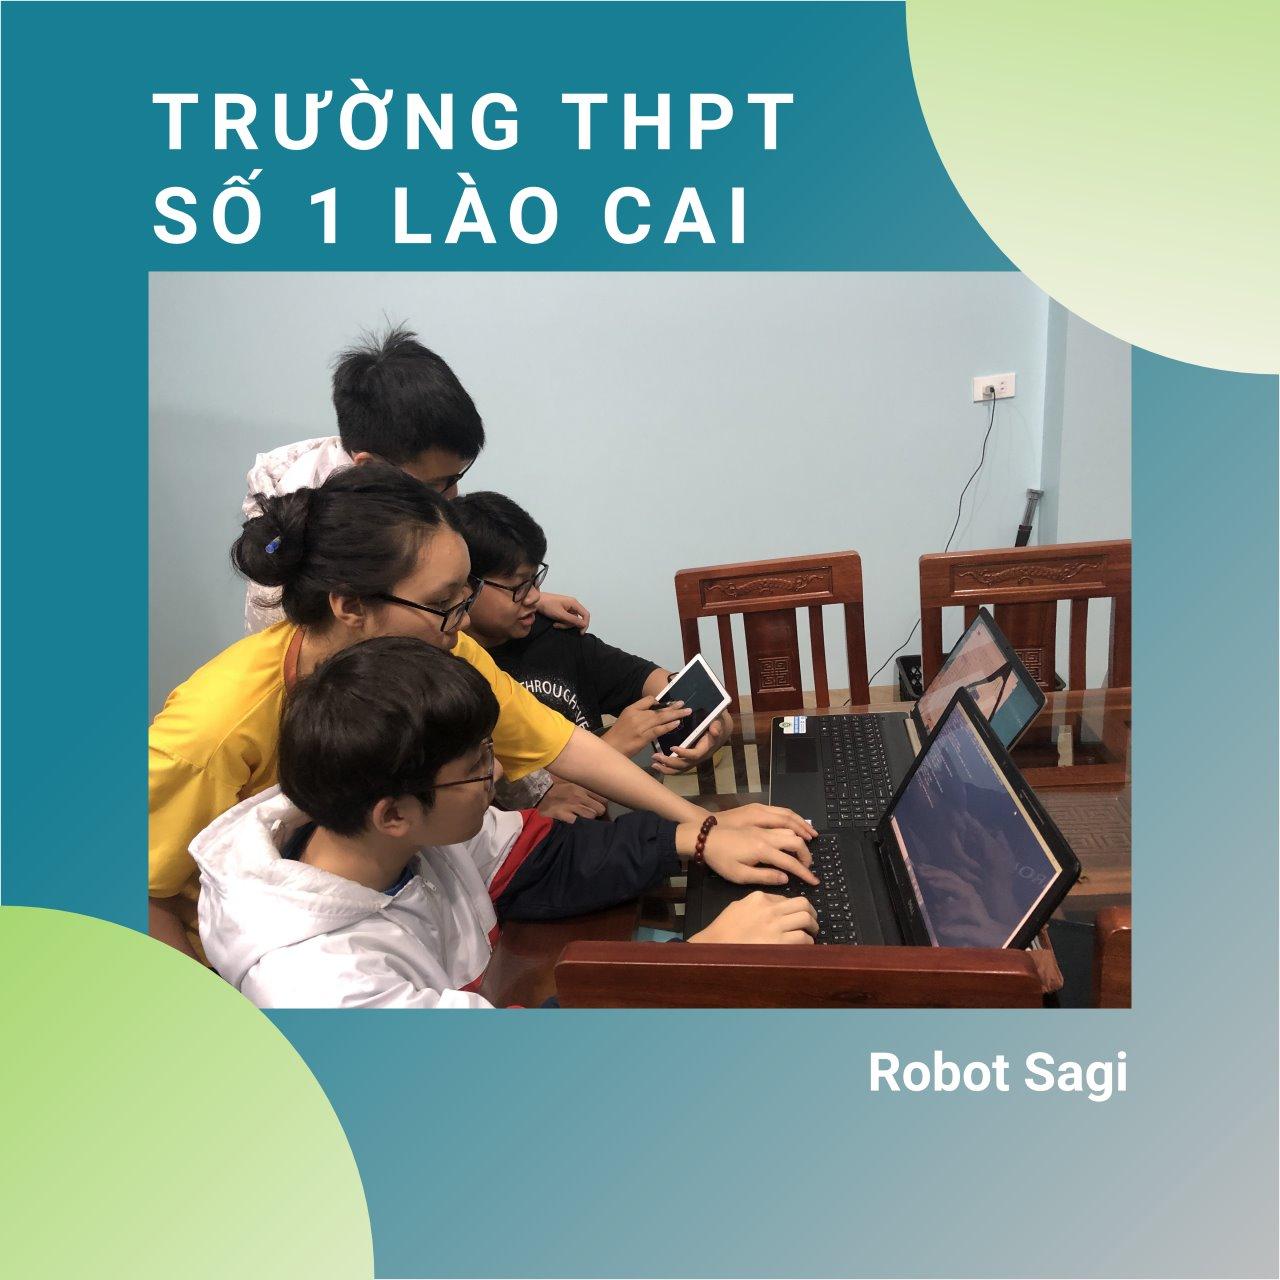 Nhóm học sinh trường THPT số 1 Lào Cai - Robot Sagi